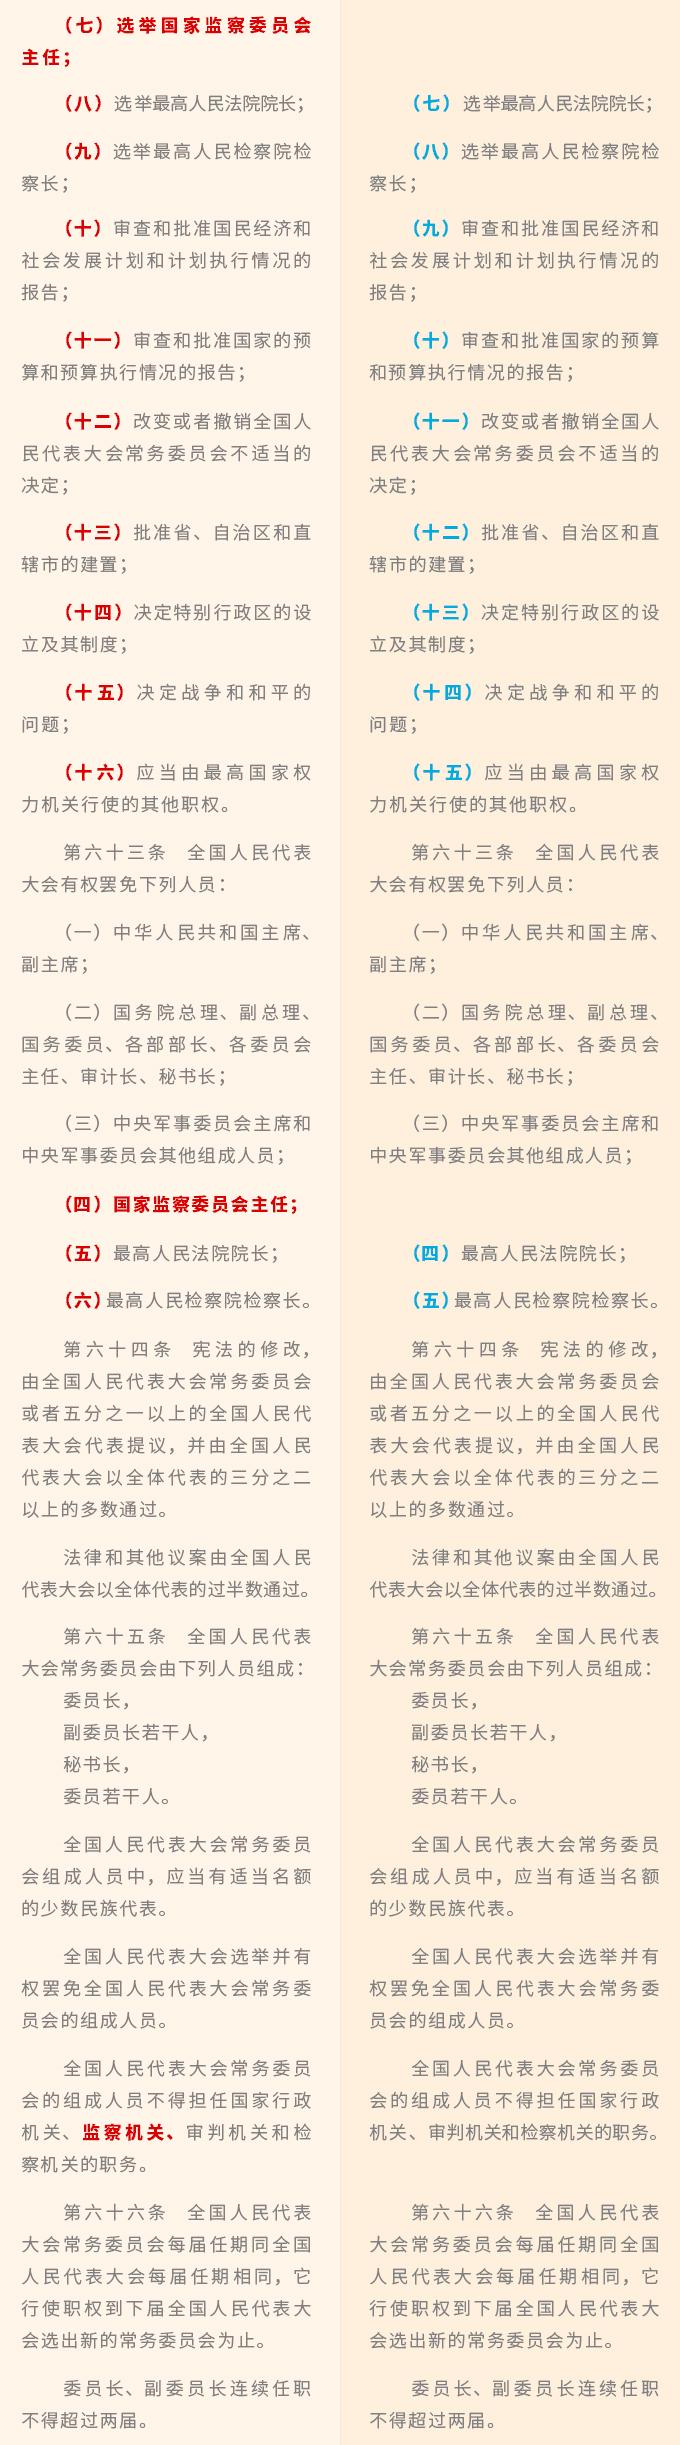 2018宪法修订-11.png